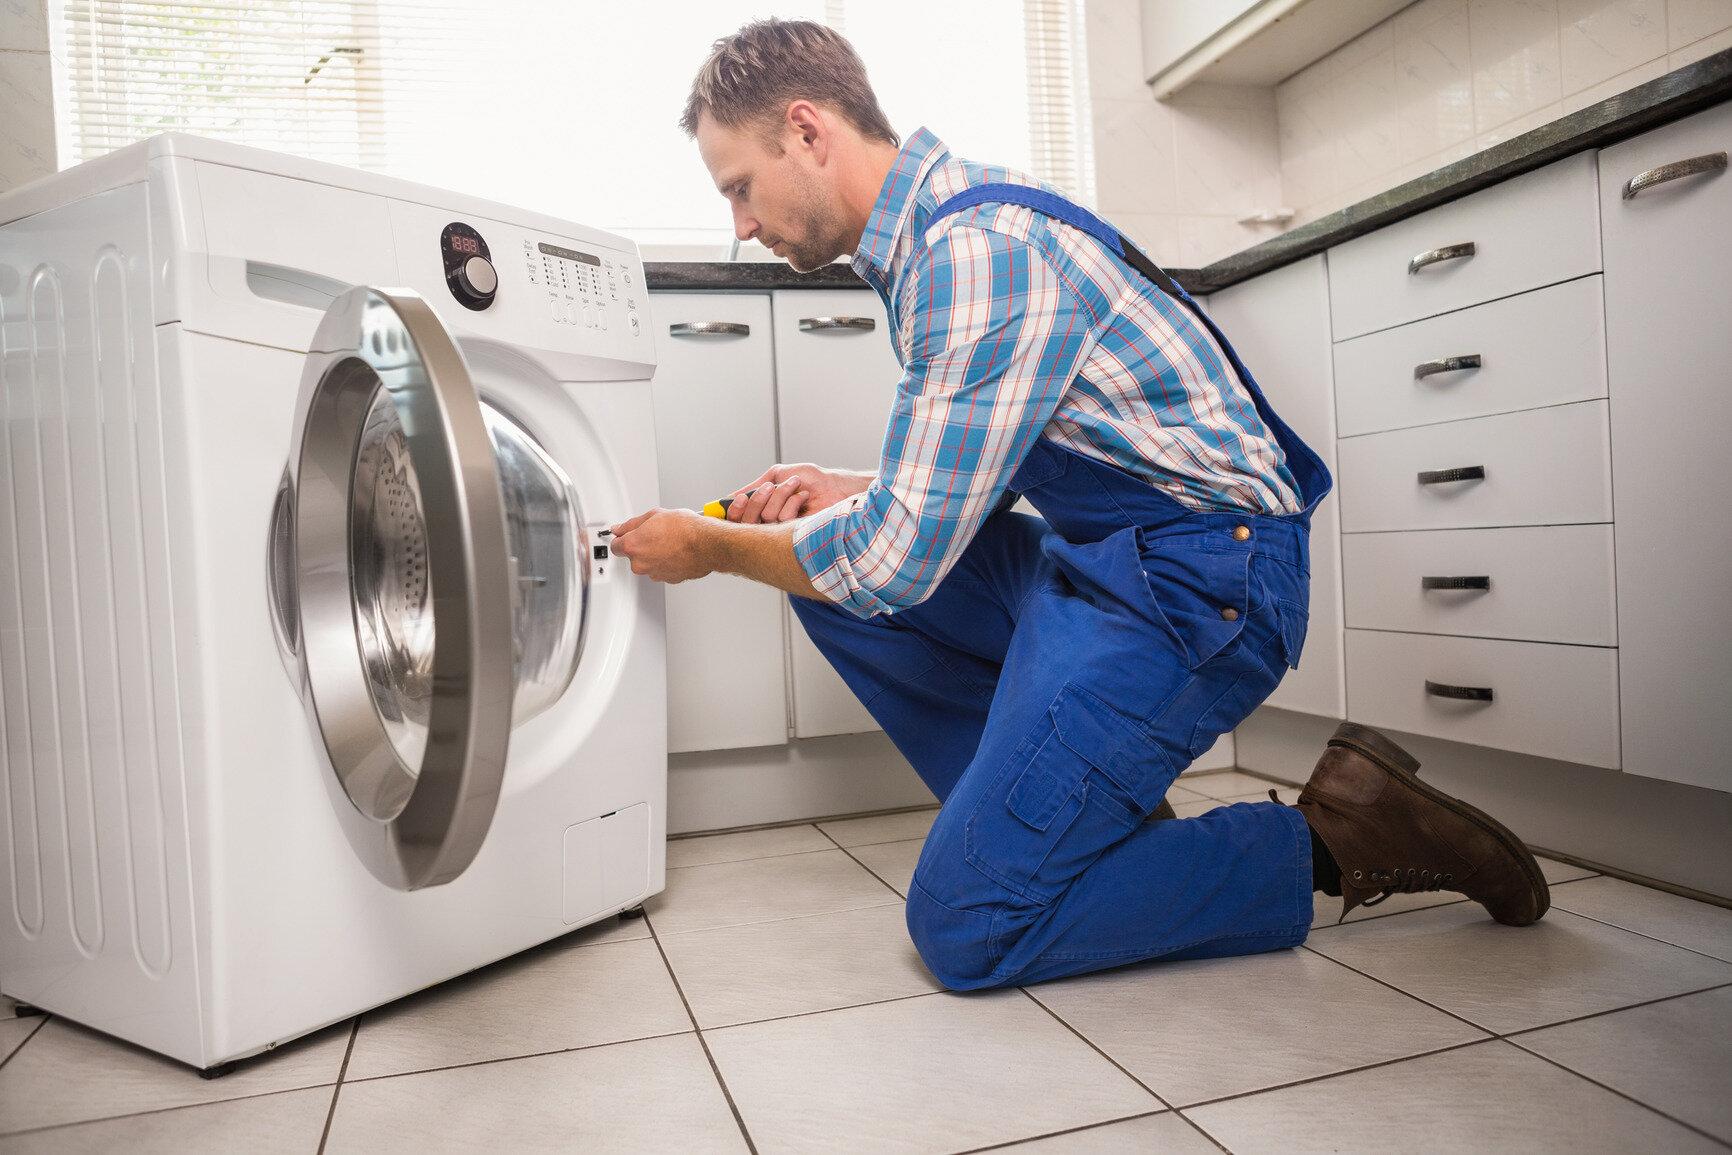 Bạn nên liên hệ với thợ sửa chữa máy giặt để giải quyết vấn đề một cách nhanh chóng